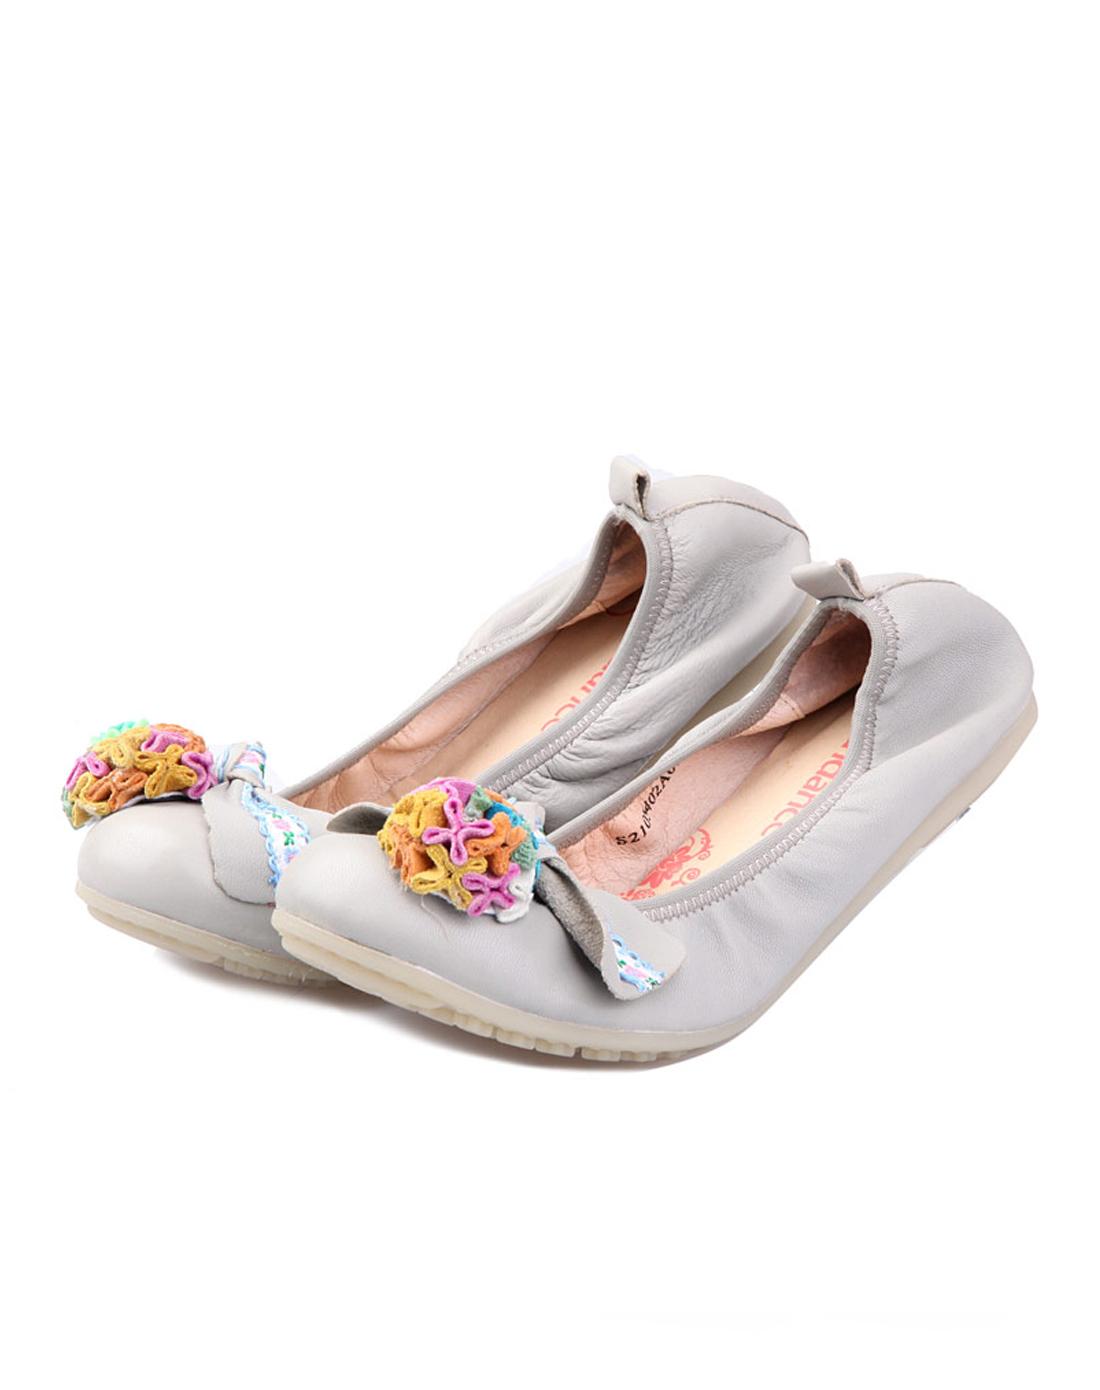 banner旗下品牌太阳舞 灰色青春瑜伽款低鞋